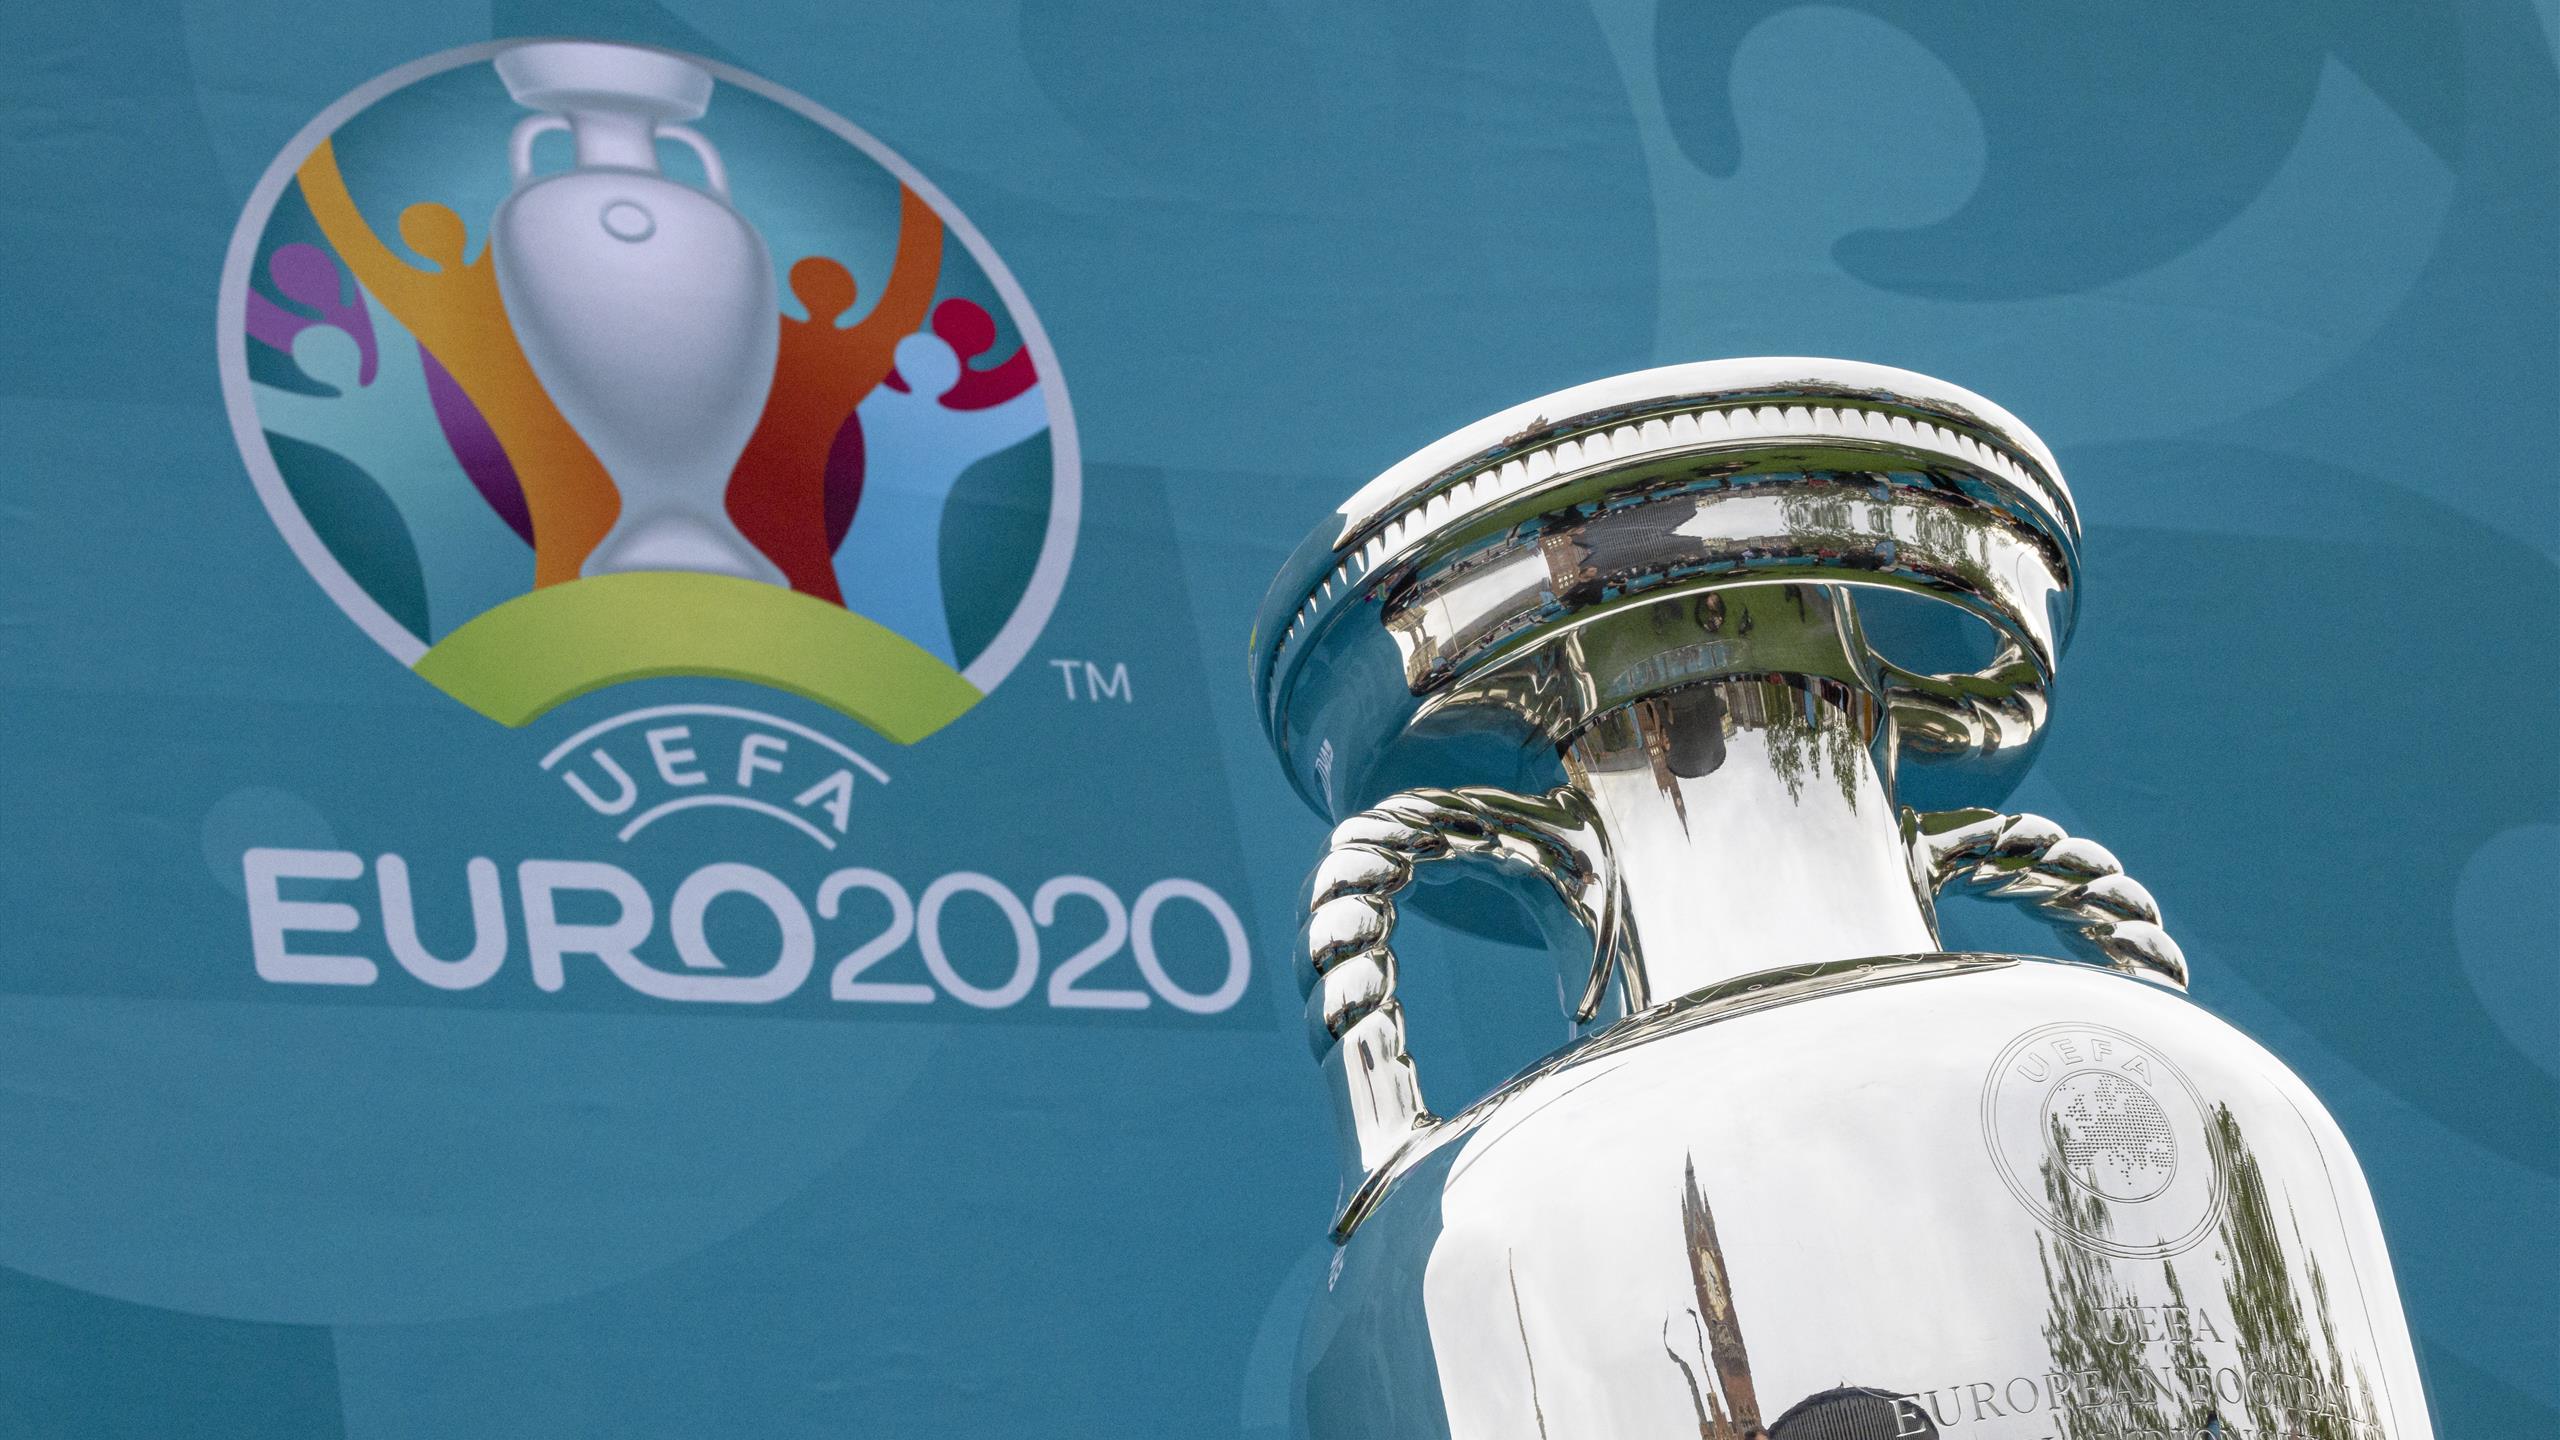 Euro 2020 : Bleus favoris, le flop Pays-Bas et Lukaku goleador : les prédictions de l'Europe